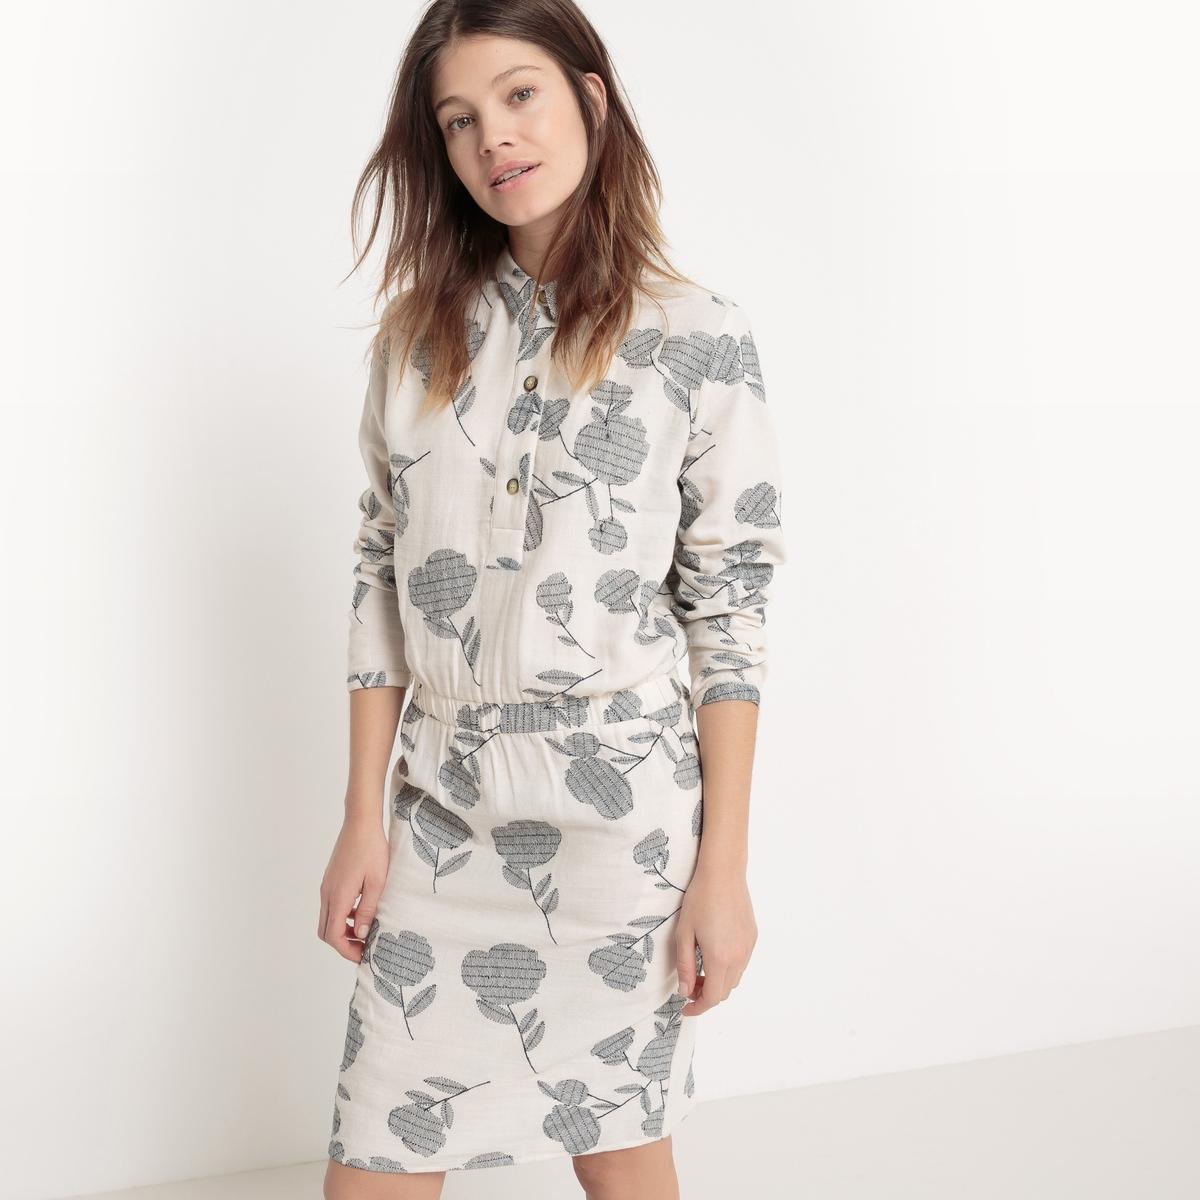 Платье с рубашечным воротником, длина до колен, с рисункомМатериал : 100% хлопок                     Длина рукава : длинные рукава                    Особенность пояса : эластичный пояс                    Форма воротника : воротник-поло, рубашечный                 Покрой платья : расклешенное платье                    Рисунок : принт                      Длина платья : 94 см                    Стирка : машинная стирка при 30 °С в деликатном режиме                    Уход : сухая чистка и отбеливание запрещеныМашинная сушка : запрещена                    Глажка : при низкой температуре<br><br>Цвет: серо-бежевый<br>Размер: 34 (FR) - 40 (RUS).44 (FR) - 50 (RUS).48 (FR) - 54 (RUS).40 (FR) - 46 (RUS).46 (FR) - 52 (RUS).42 (FR) - 48 (RUS).36 (FR) - 42 (RUS)